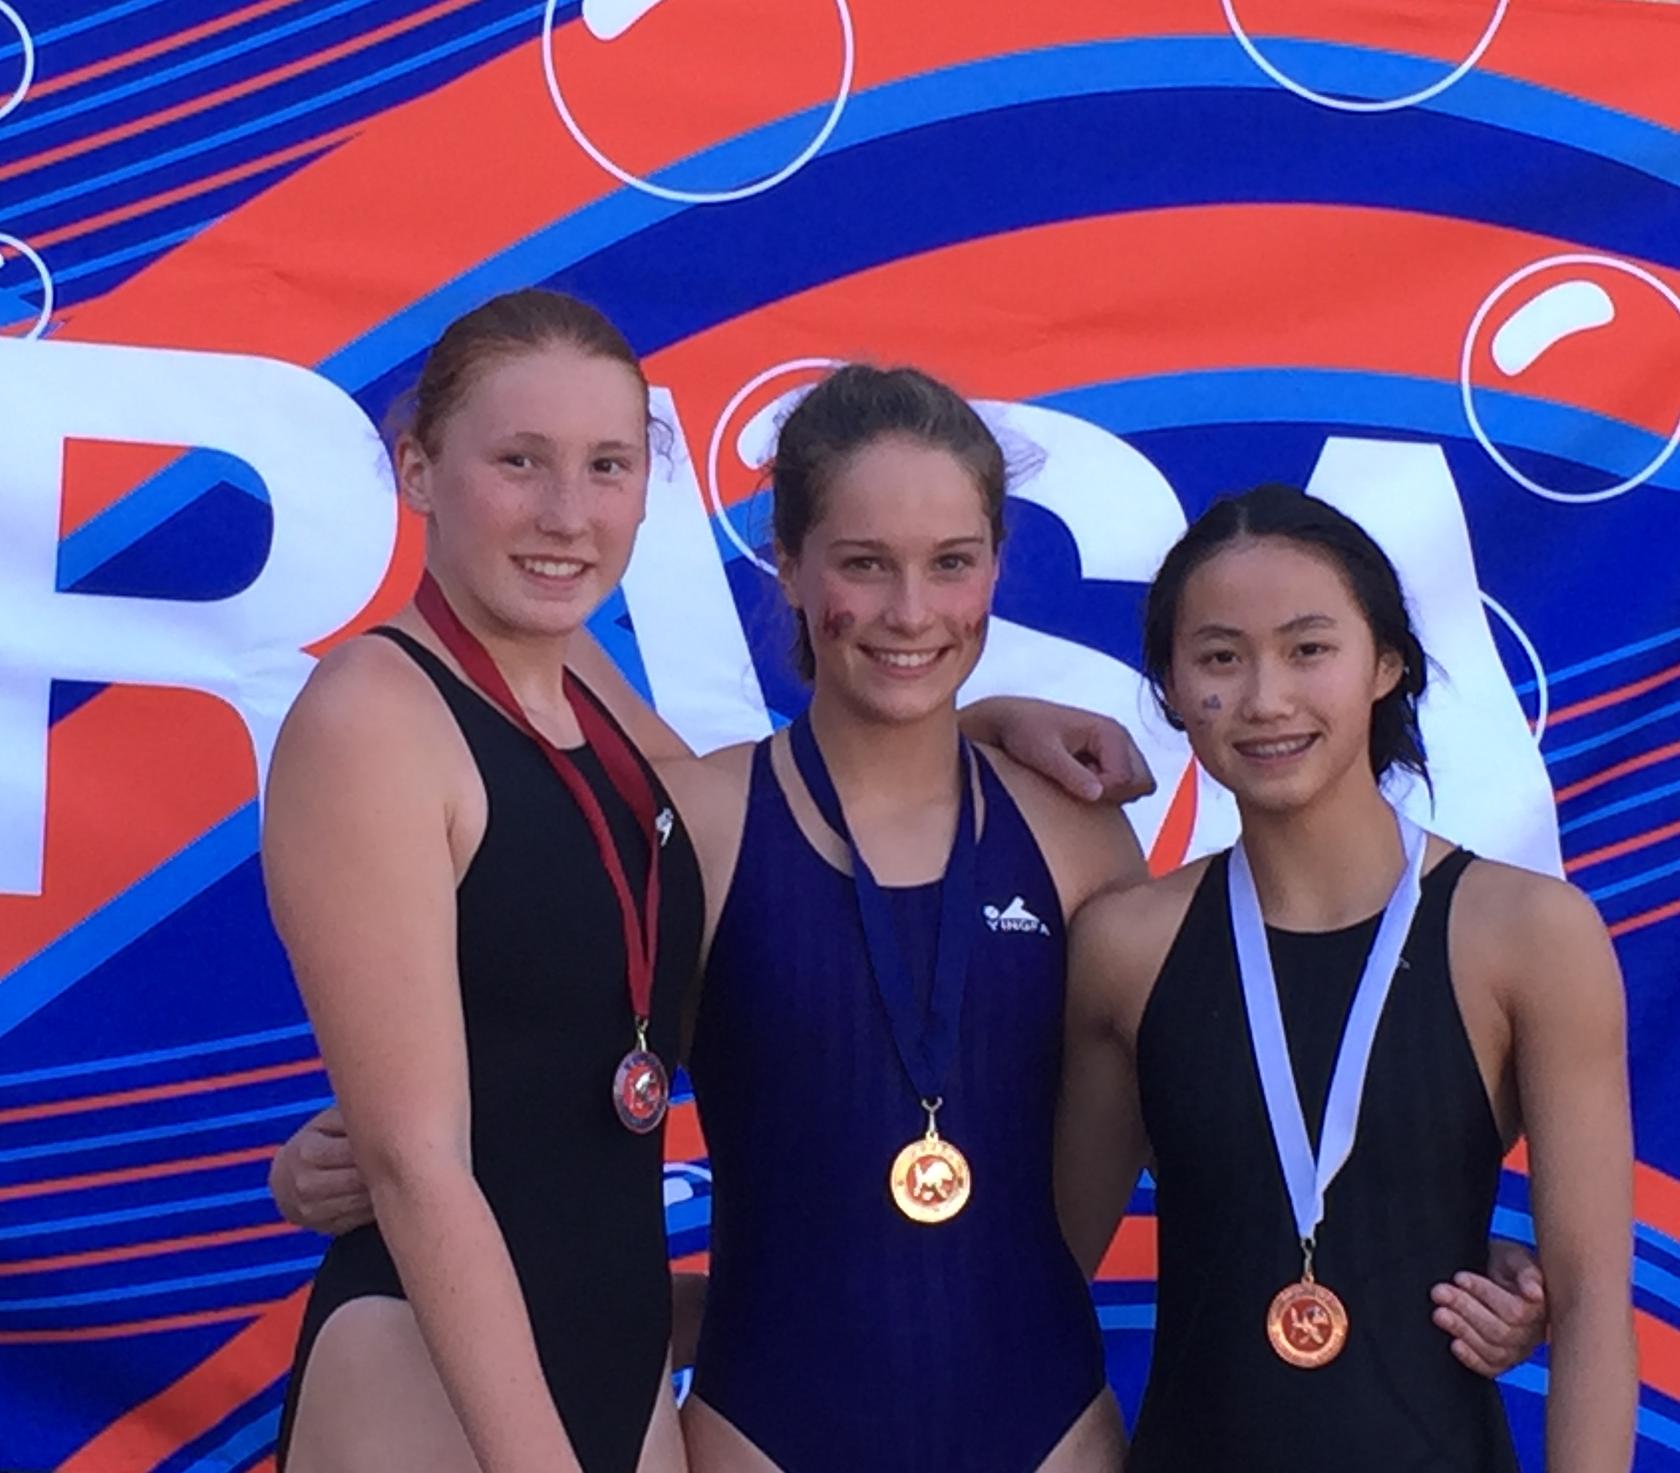 podium & medals